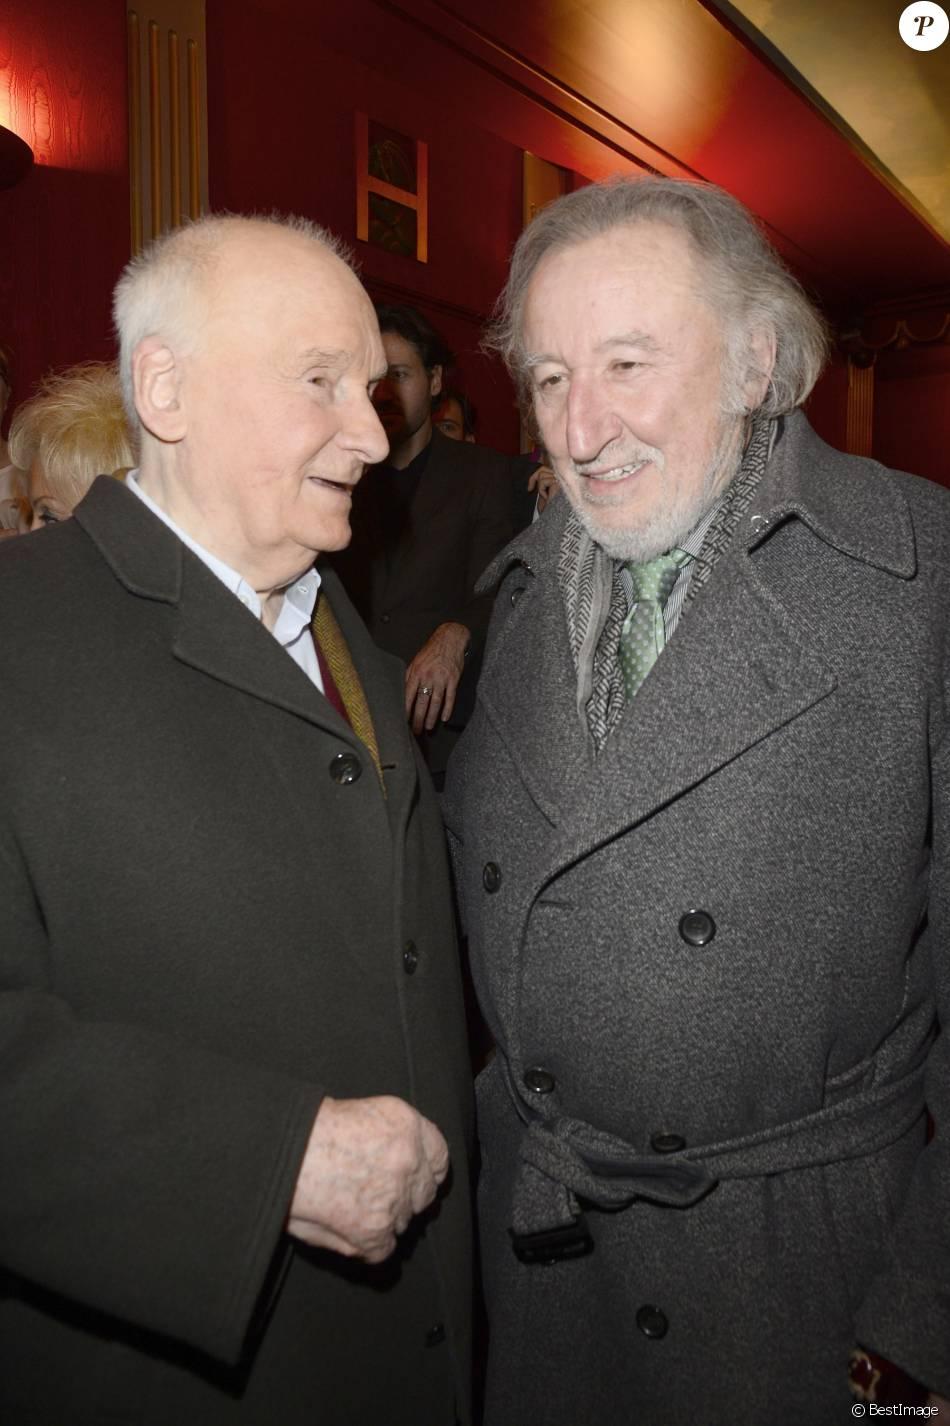 Michel bouquet et jean fran ois balmer g n rale de la pi ce a tort et raison au th tre - Jean francois balmer et sa femme ...